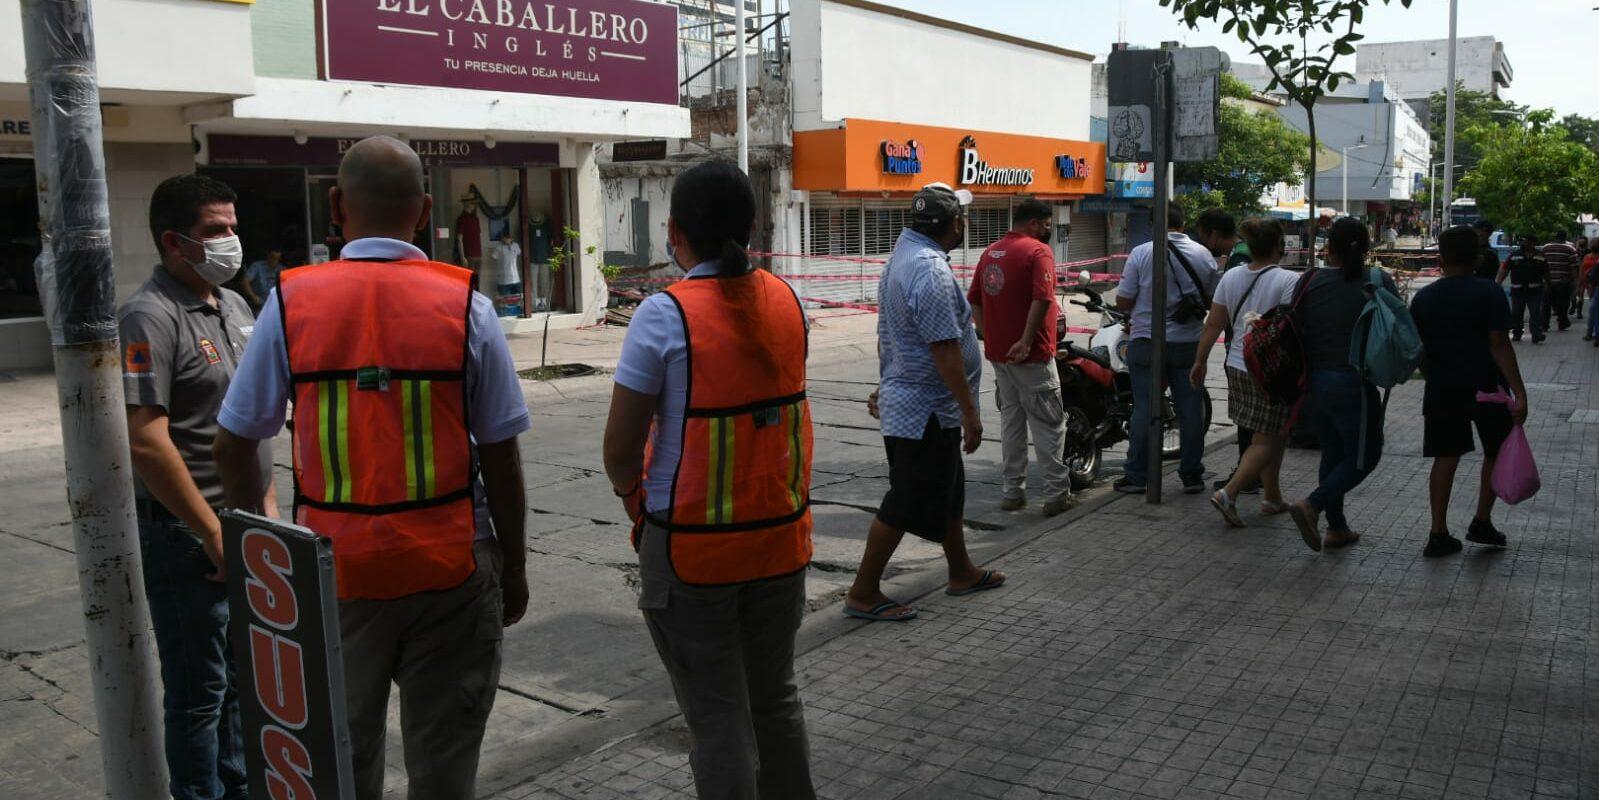 Zapatería en el centro de Culiacán se mantiene cerrada luego del colapso de techo que dejó como saldo a una mujer fallecida y varios heridos. FOTO: Espejo.